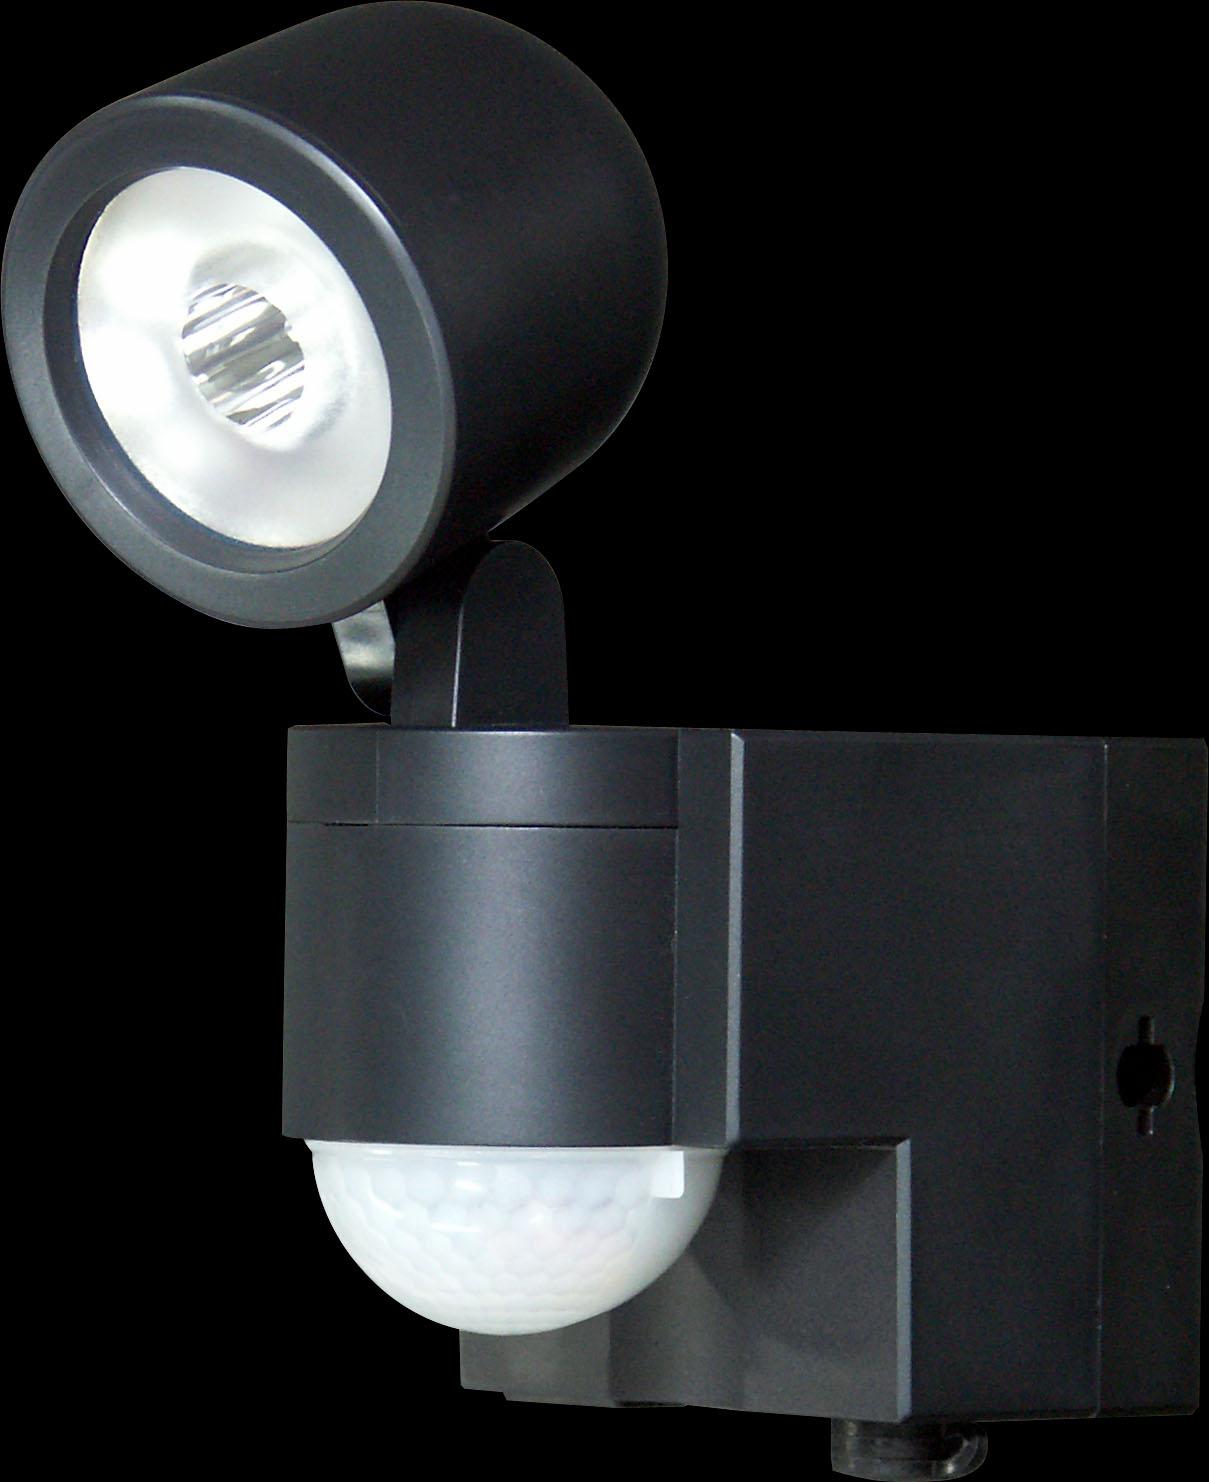 【ELPA エルパ】ソーラーLEDセンサーライト1灯ESL-101SL(BK) のこと ...